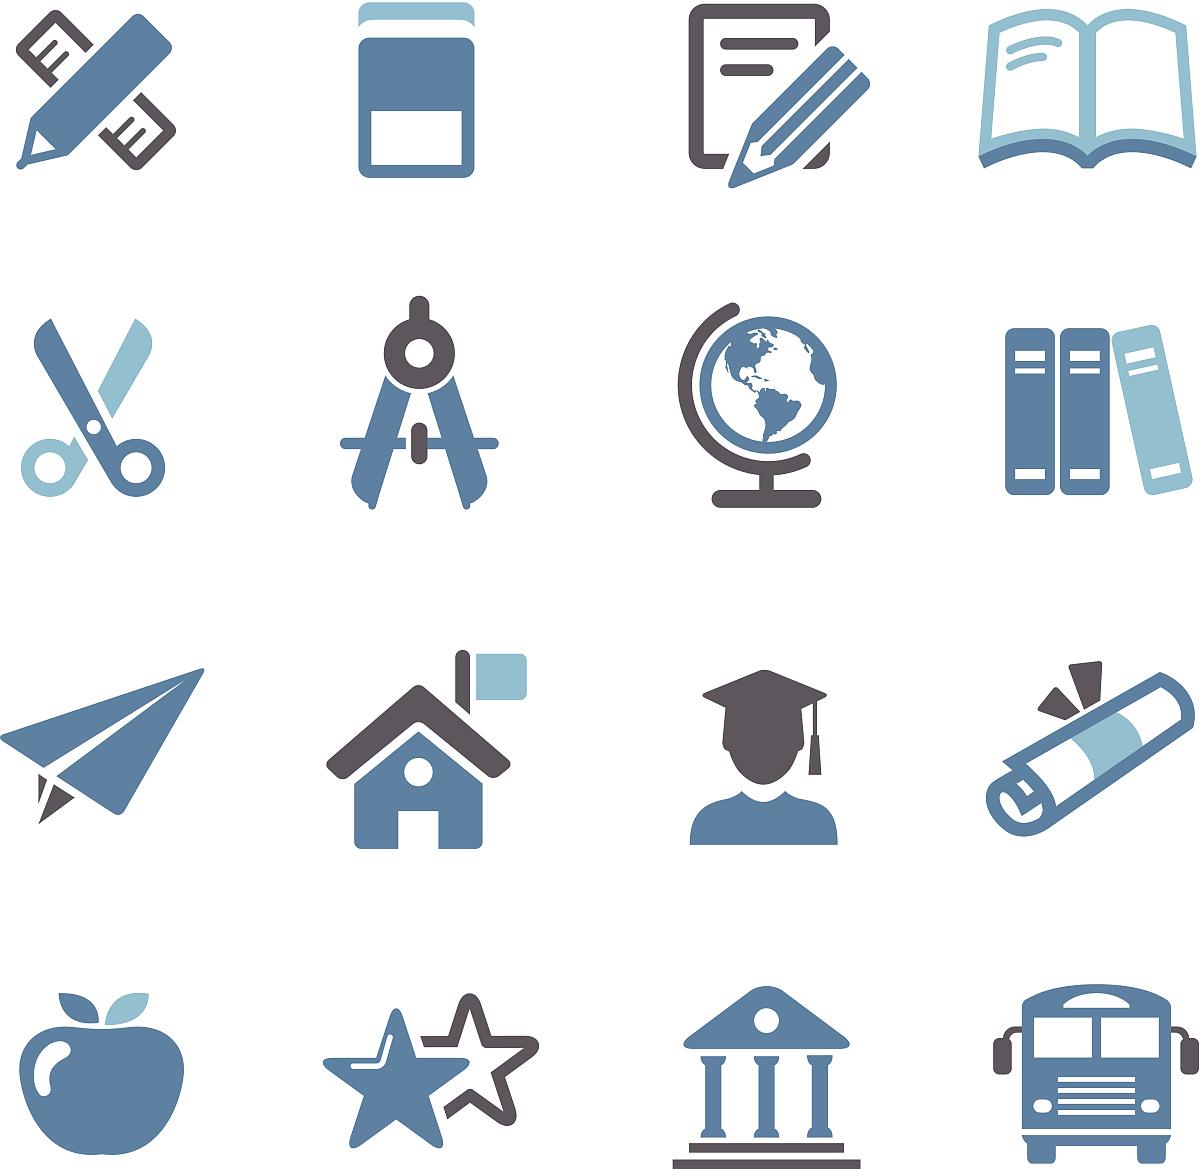 仅一名男孩,书签,智慧,学生,重返校园,几何形状,台式地球仪,仅儿童图片